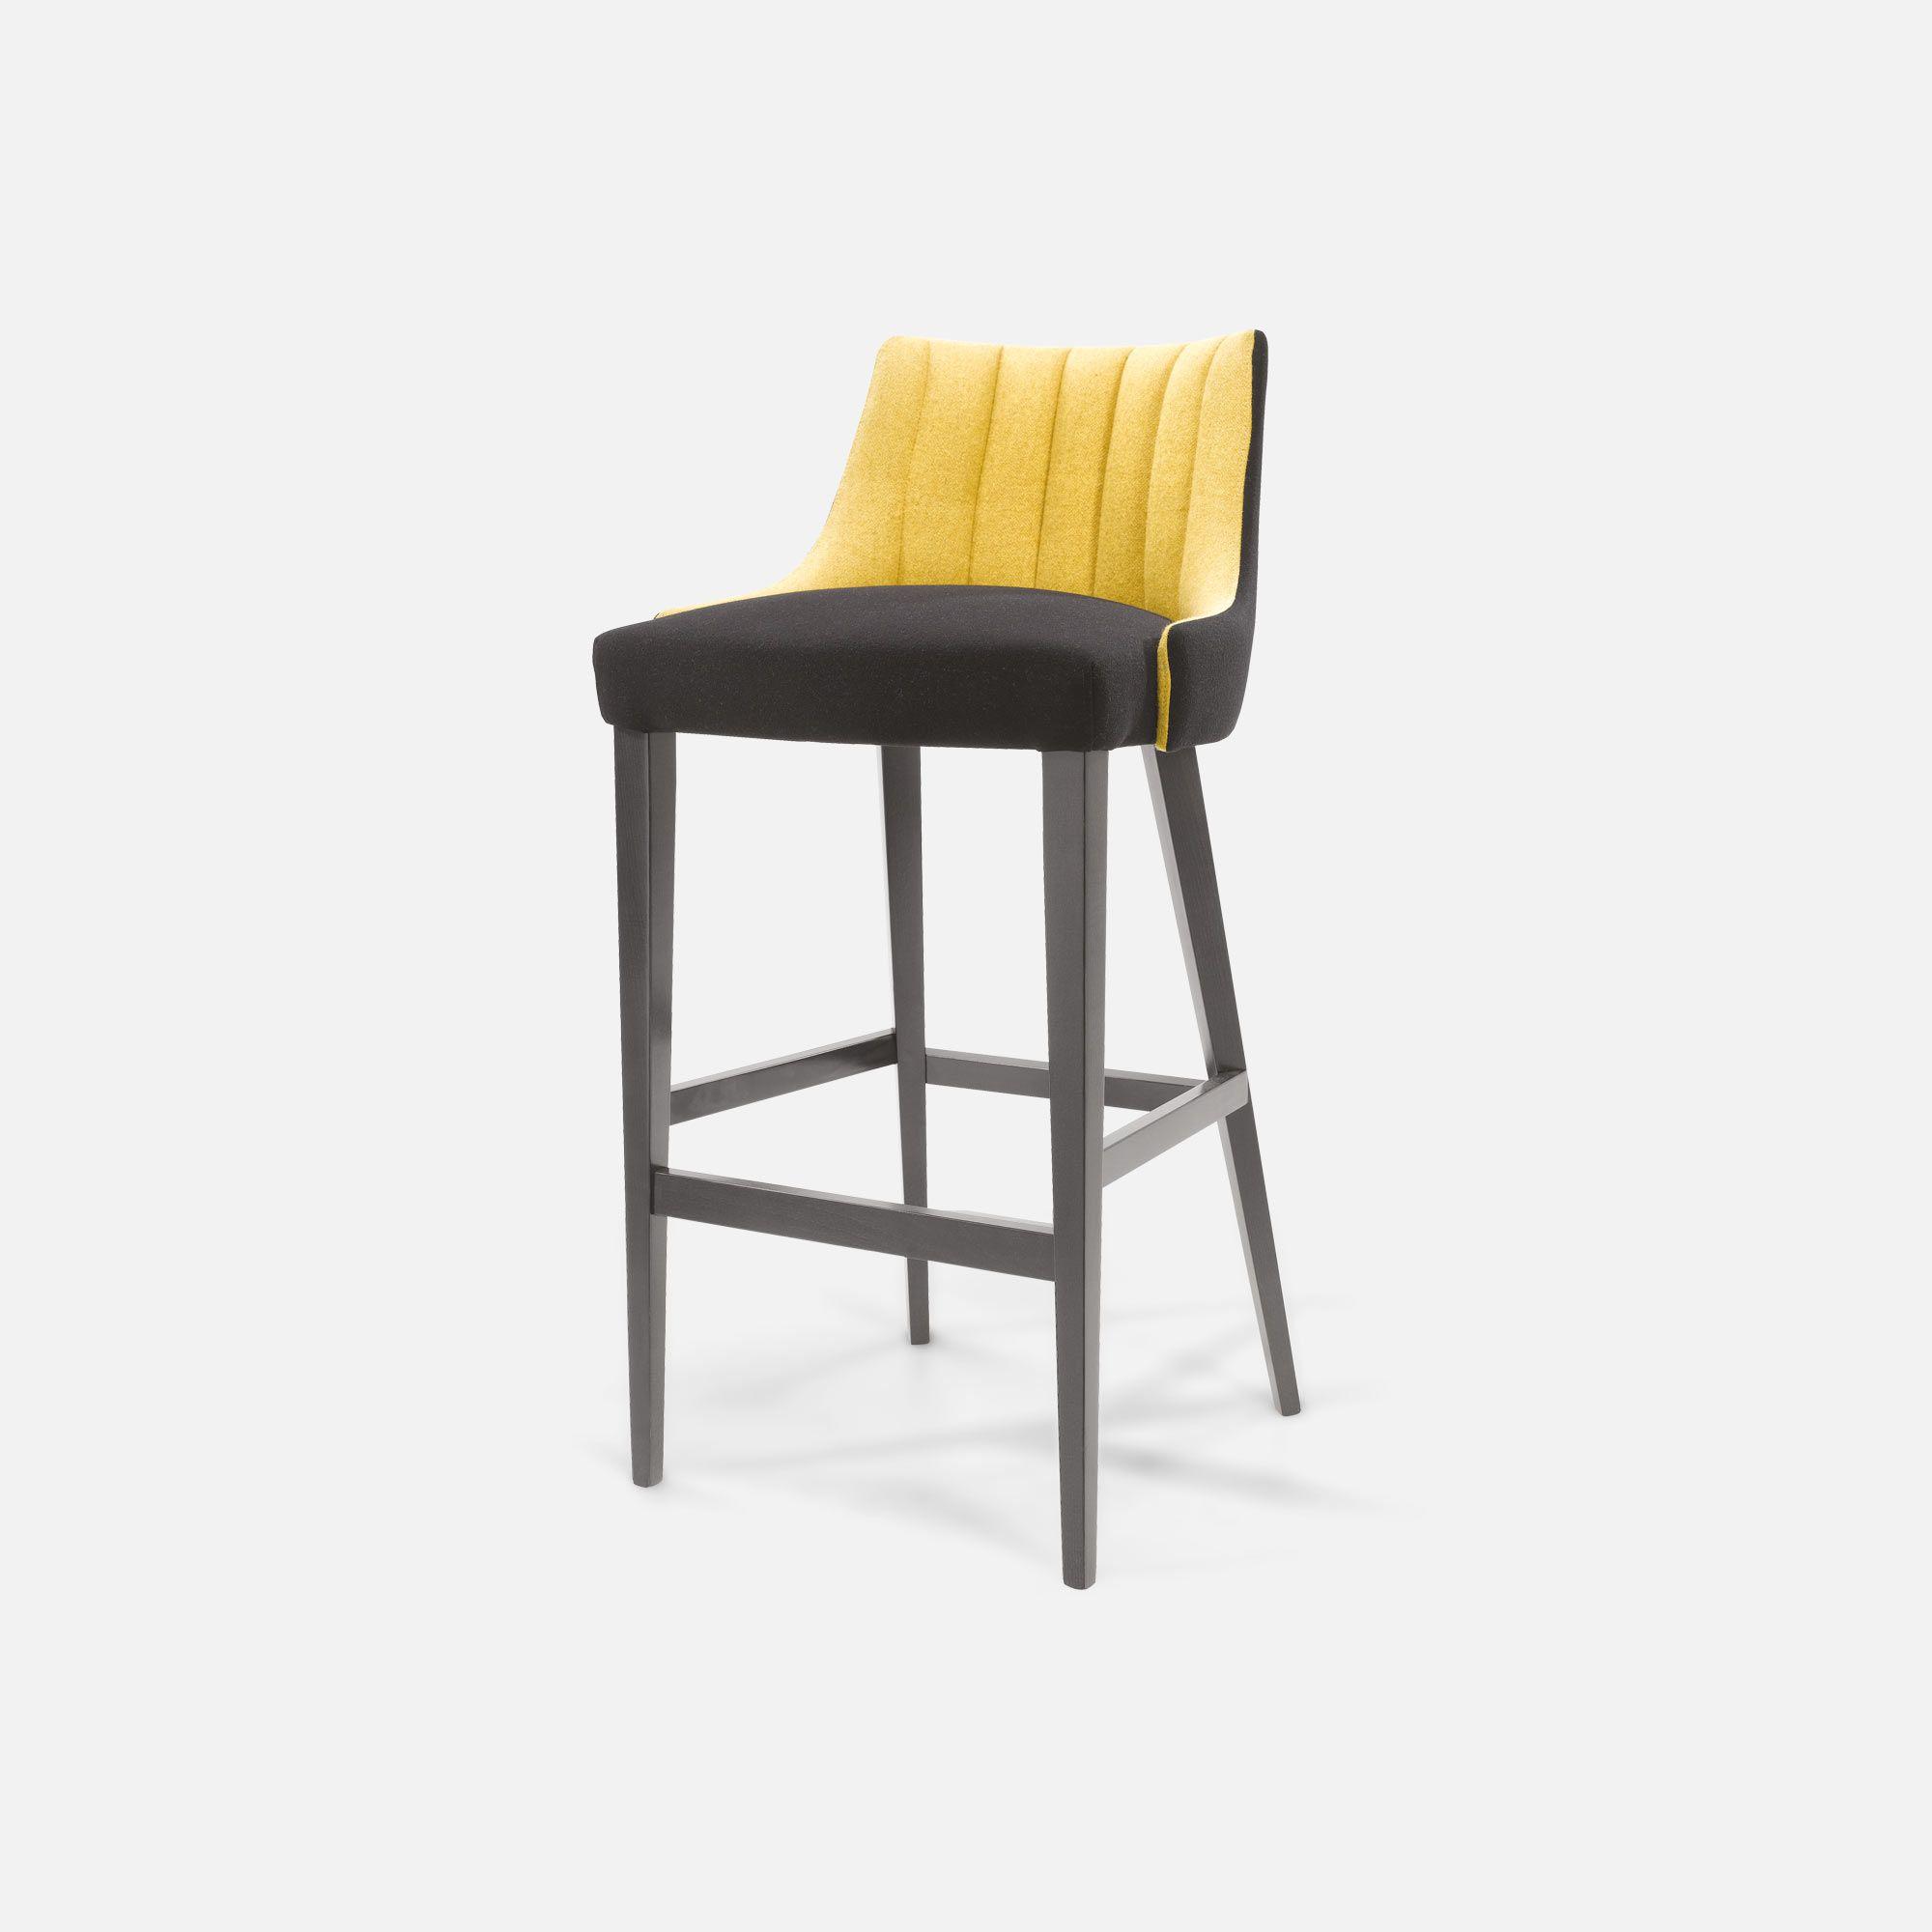 tabouret de bar cosmos alphacreatio d corateur d 39 int rieur. Black Bedroom Furniture Sets. Home Design Ideas